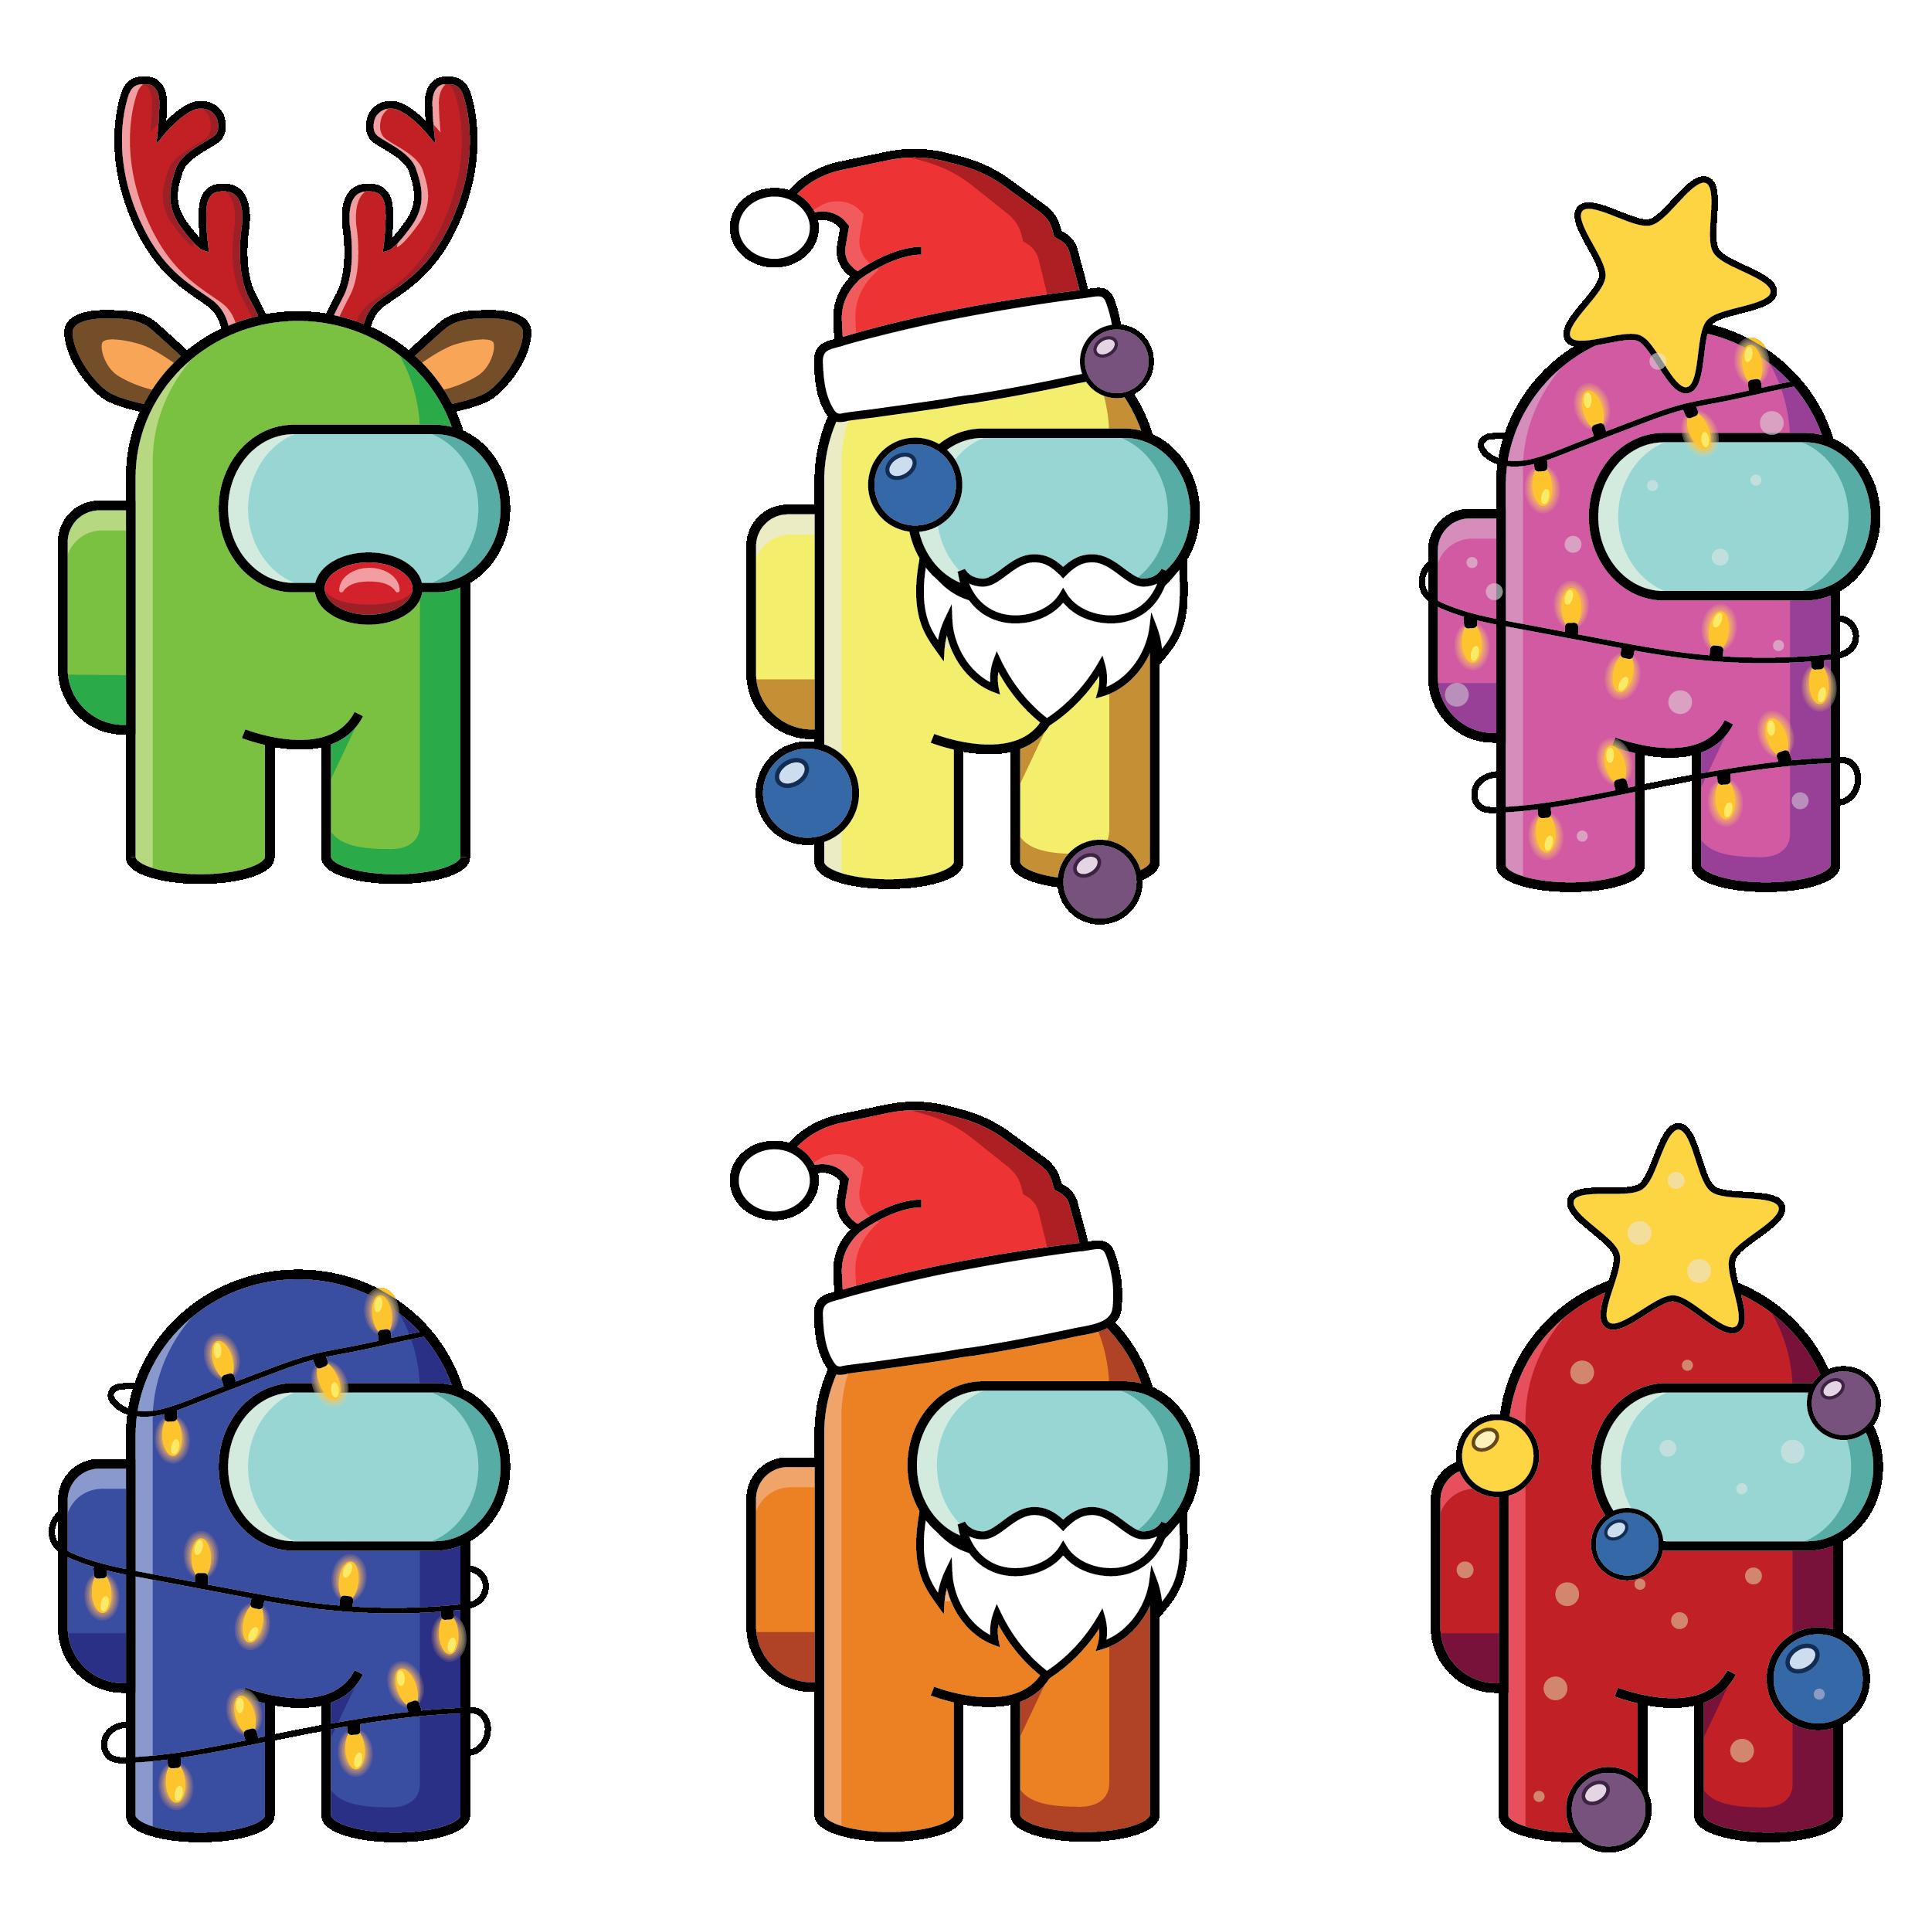 70 Among Us Christmas Edition Pack Png Format Among Us Characters Clipart Among Us Merry Christmas Bundle Among Us Christmas Tree Cute Cartoon Wallpapers Cute Christmas Wallpaper Christmas Drawing